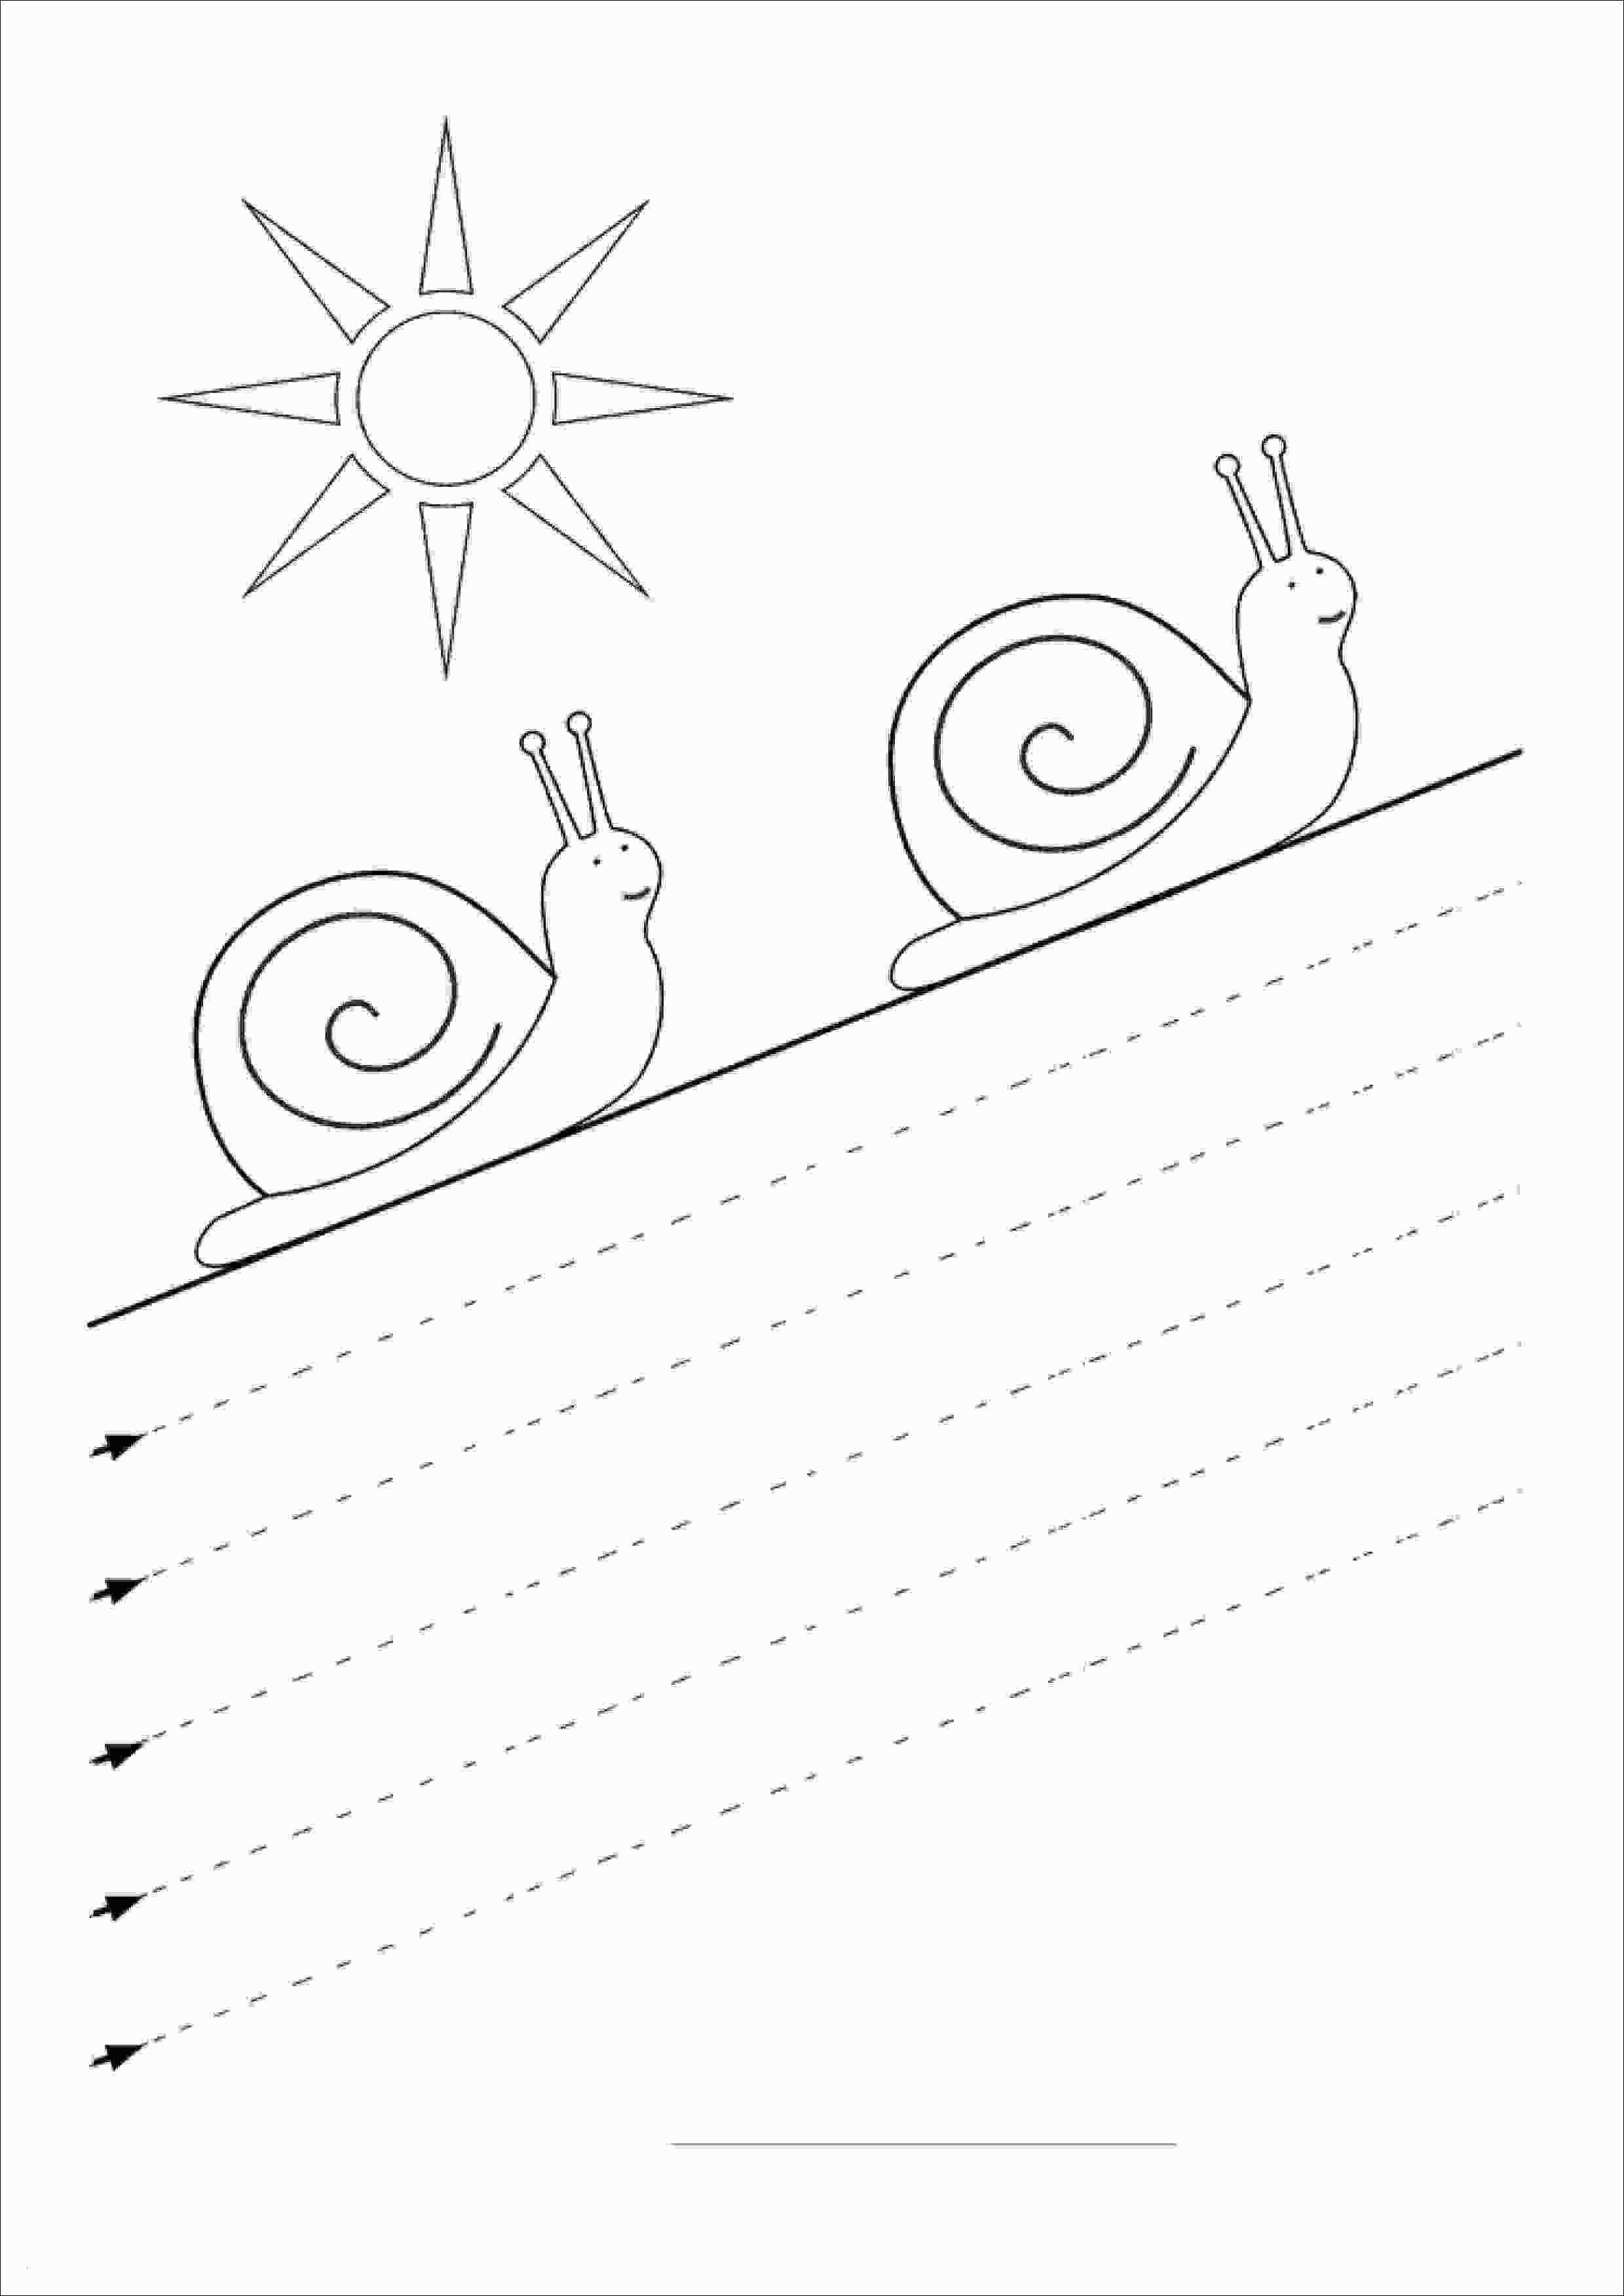 Die Kleine Raupe Nimmersatt Ausmalbild Neu Raupe Nimmersatt Ausmalbild Actividades Para Ni±os Preescolar Stock